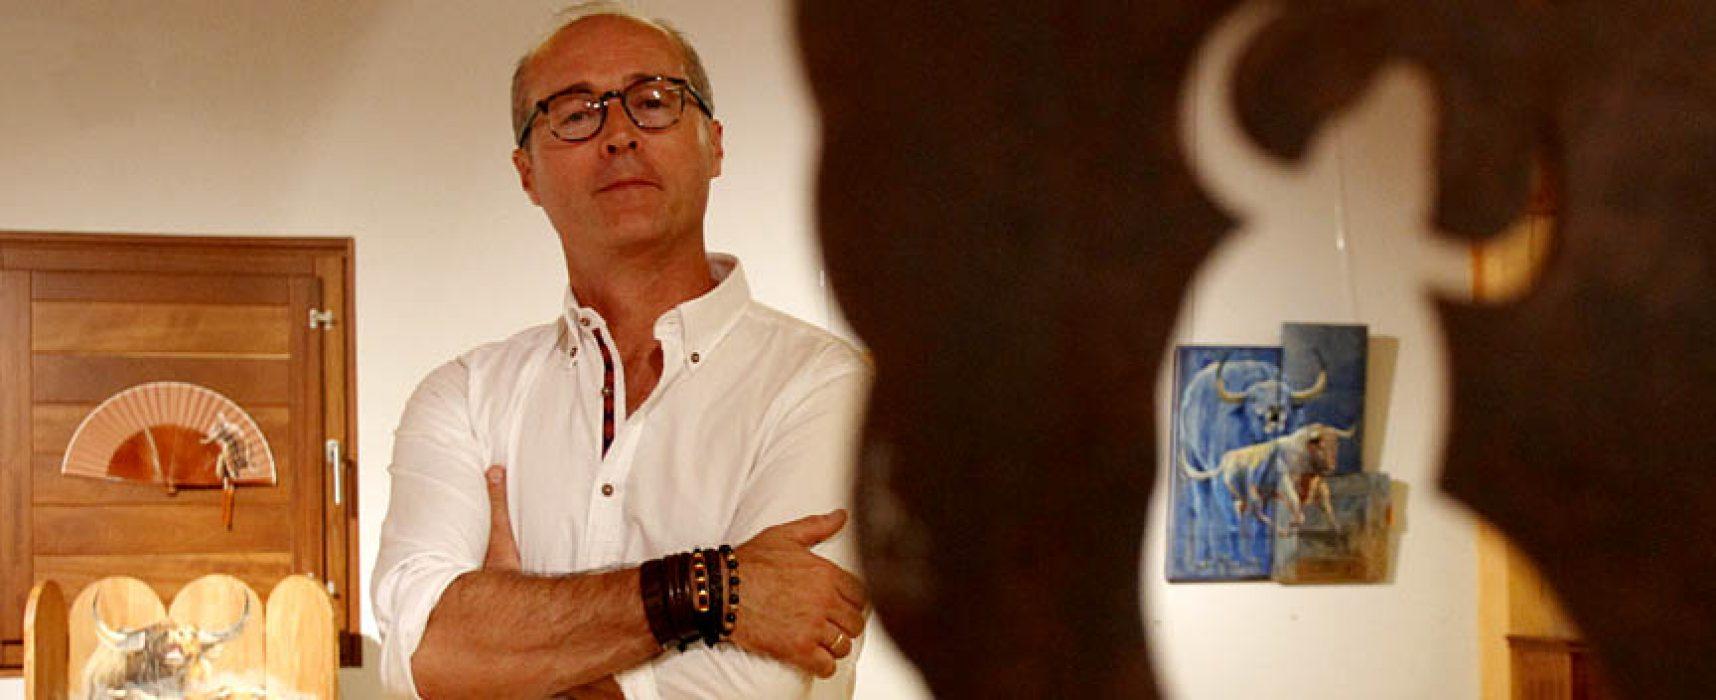 El cuellarano Alfonso Rey autor del cartel de la corrida de Sebastián Castella en Medellín